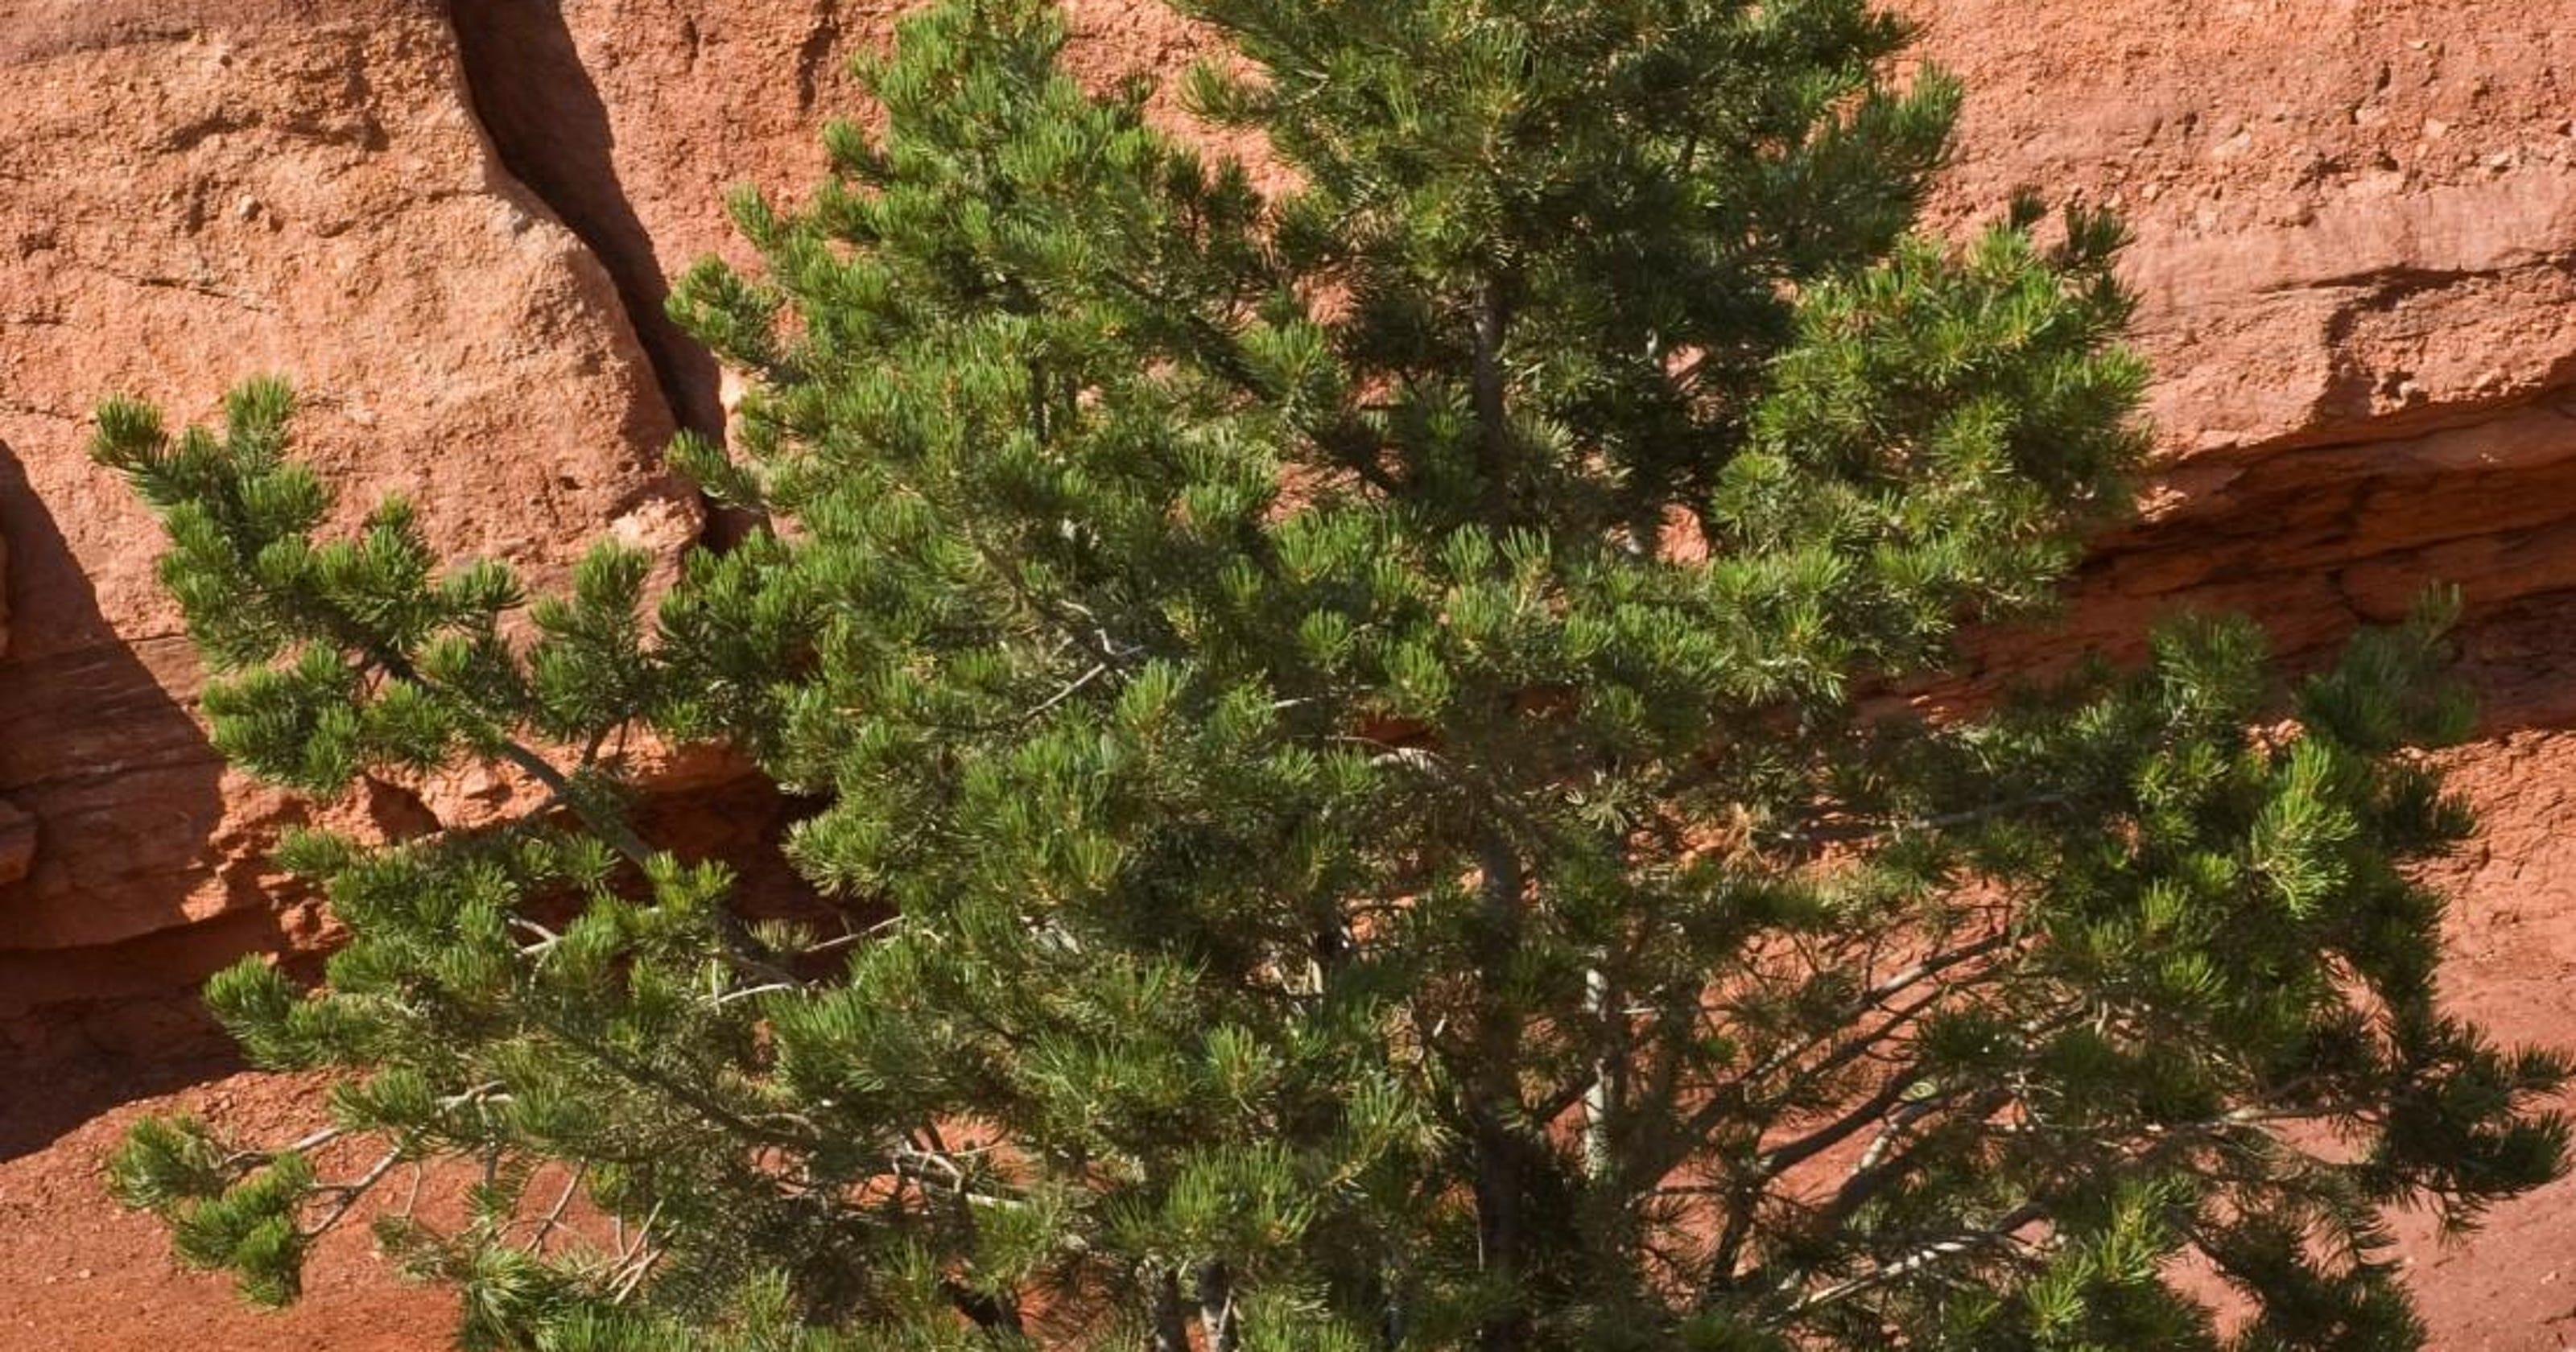 Meet the Pinyon Pine tree